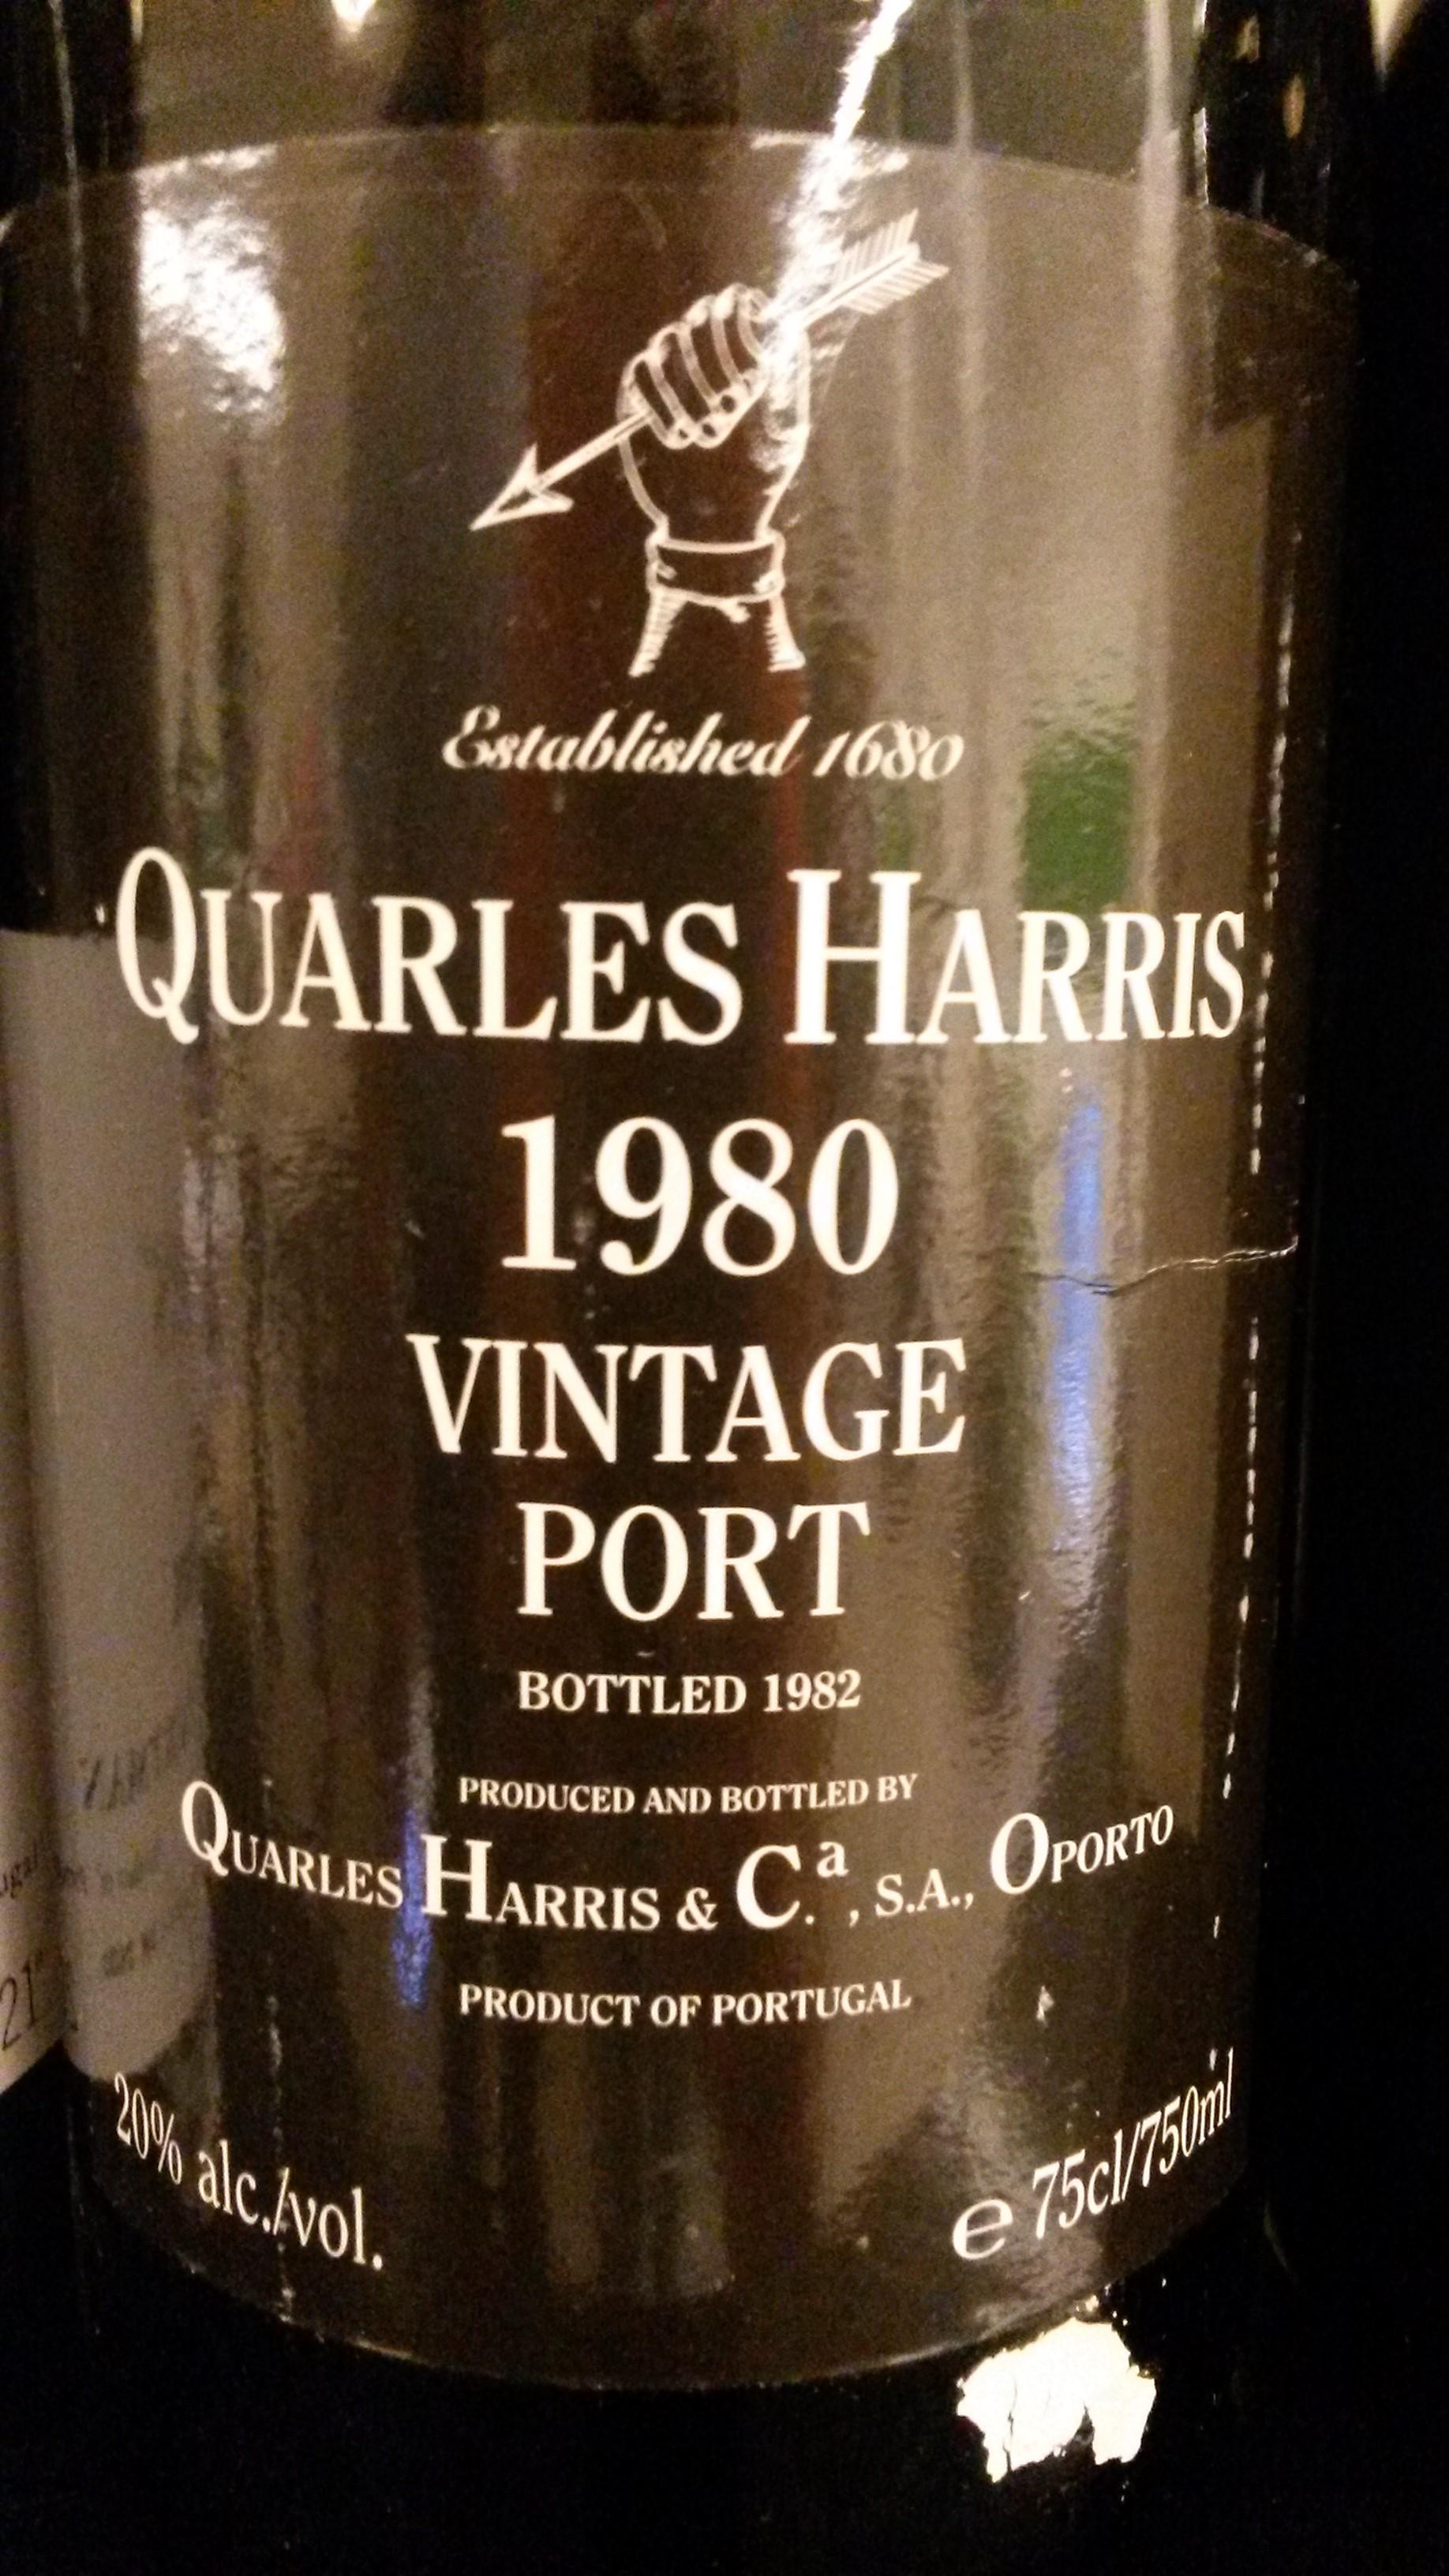 Quale Harris 1980